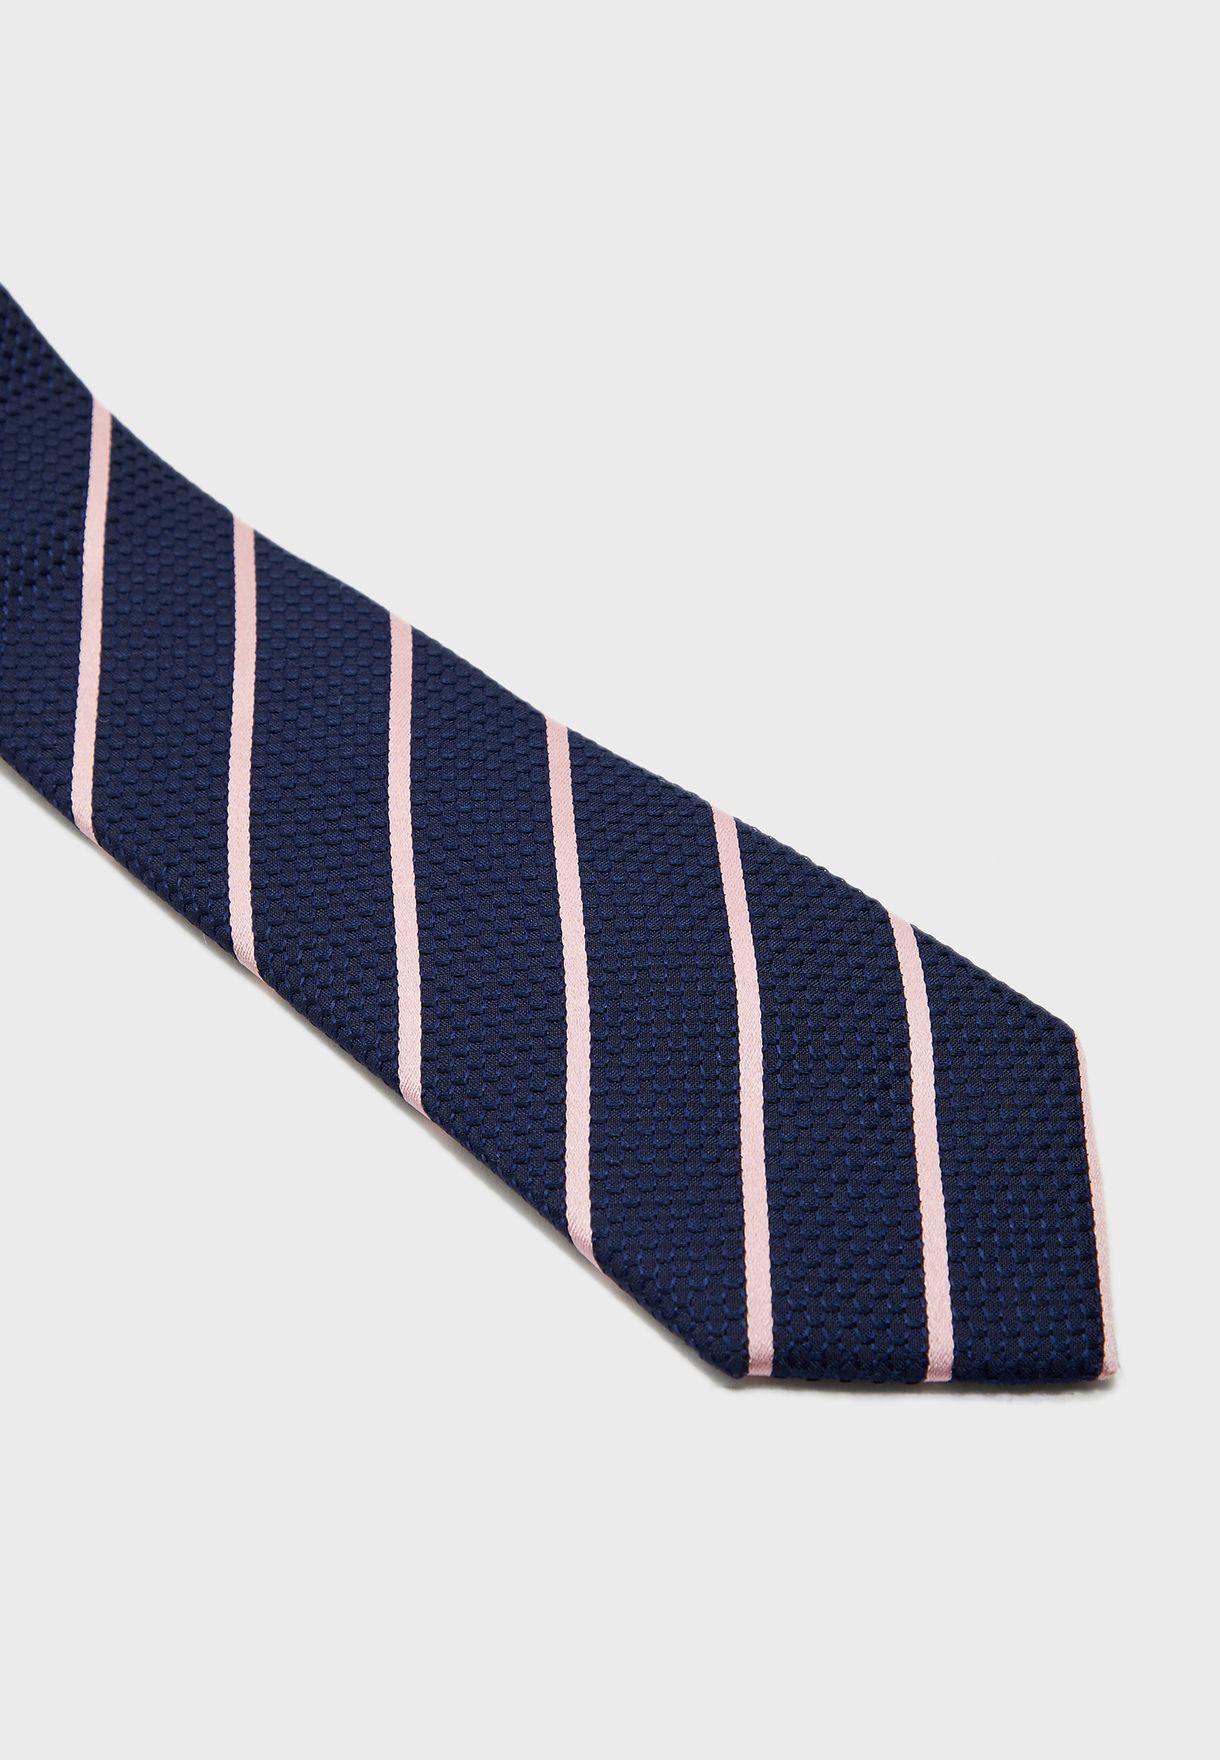 Textured Overstripe Tie